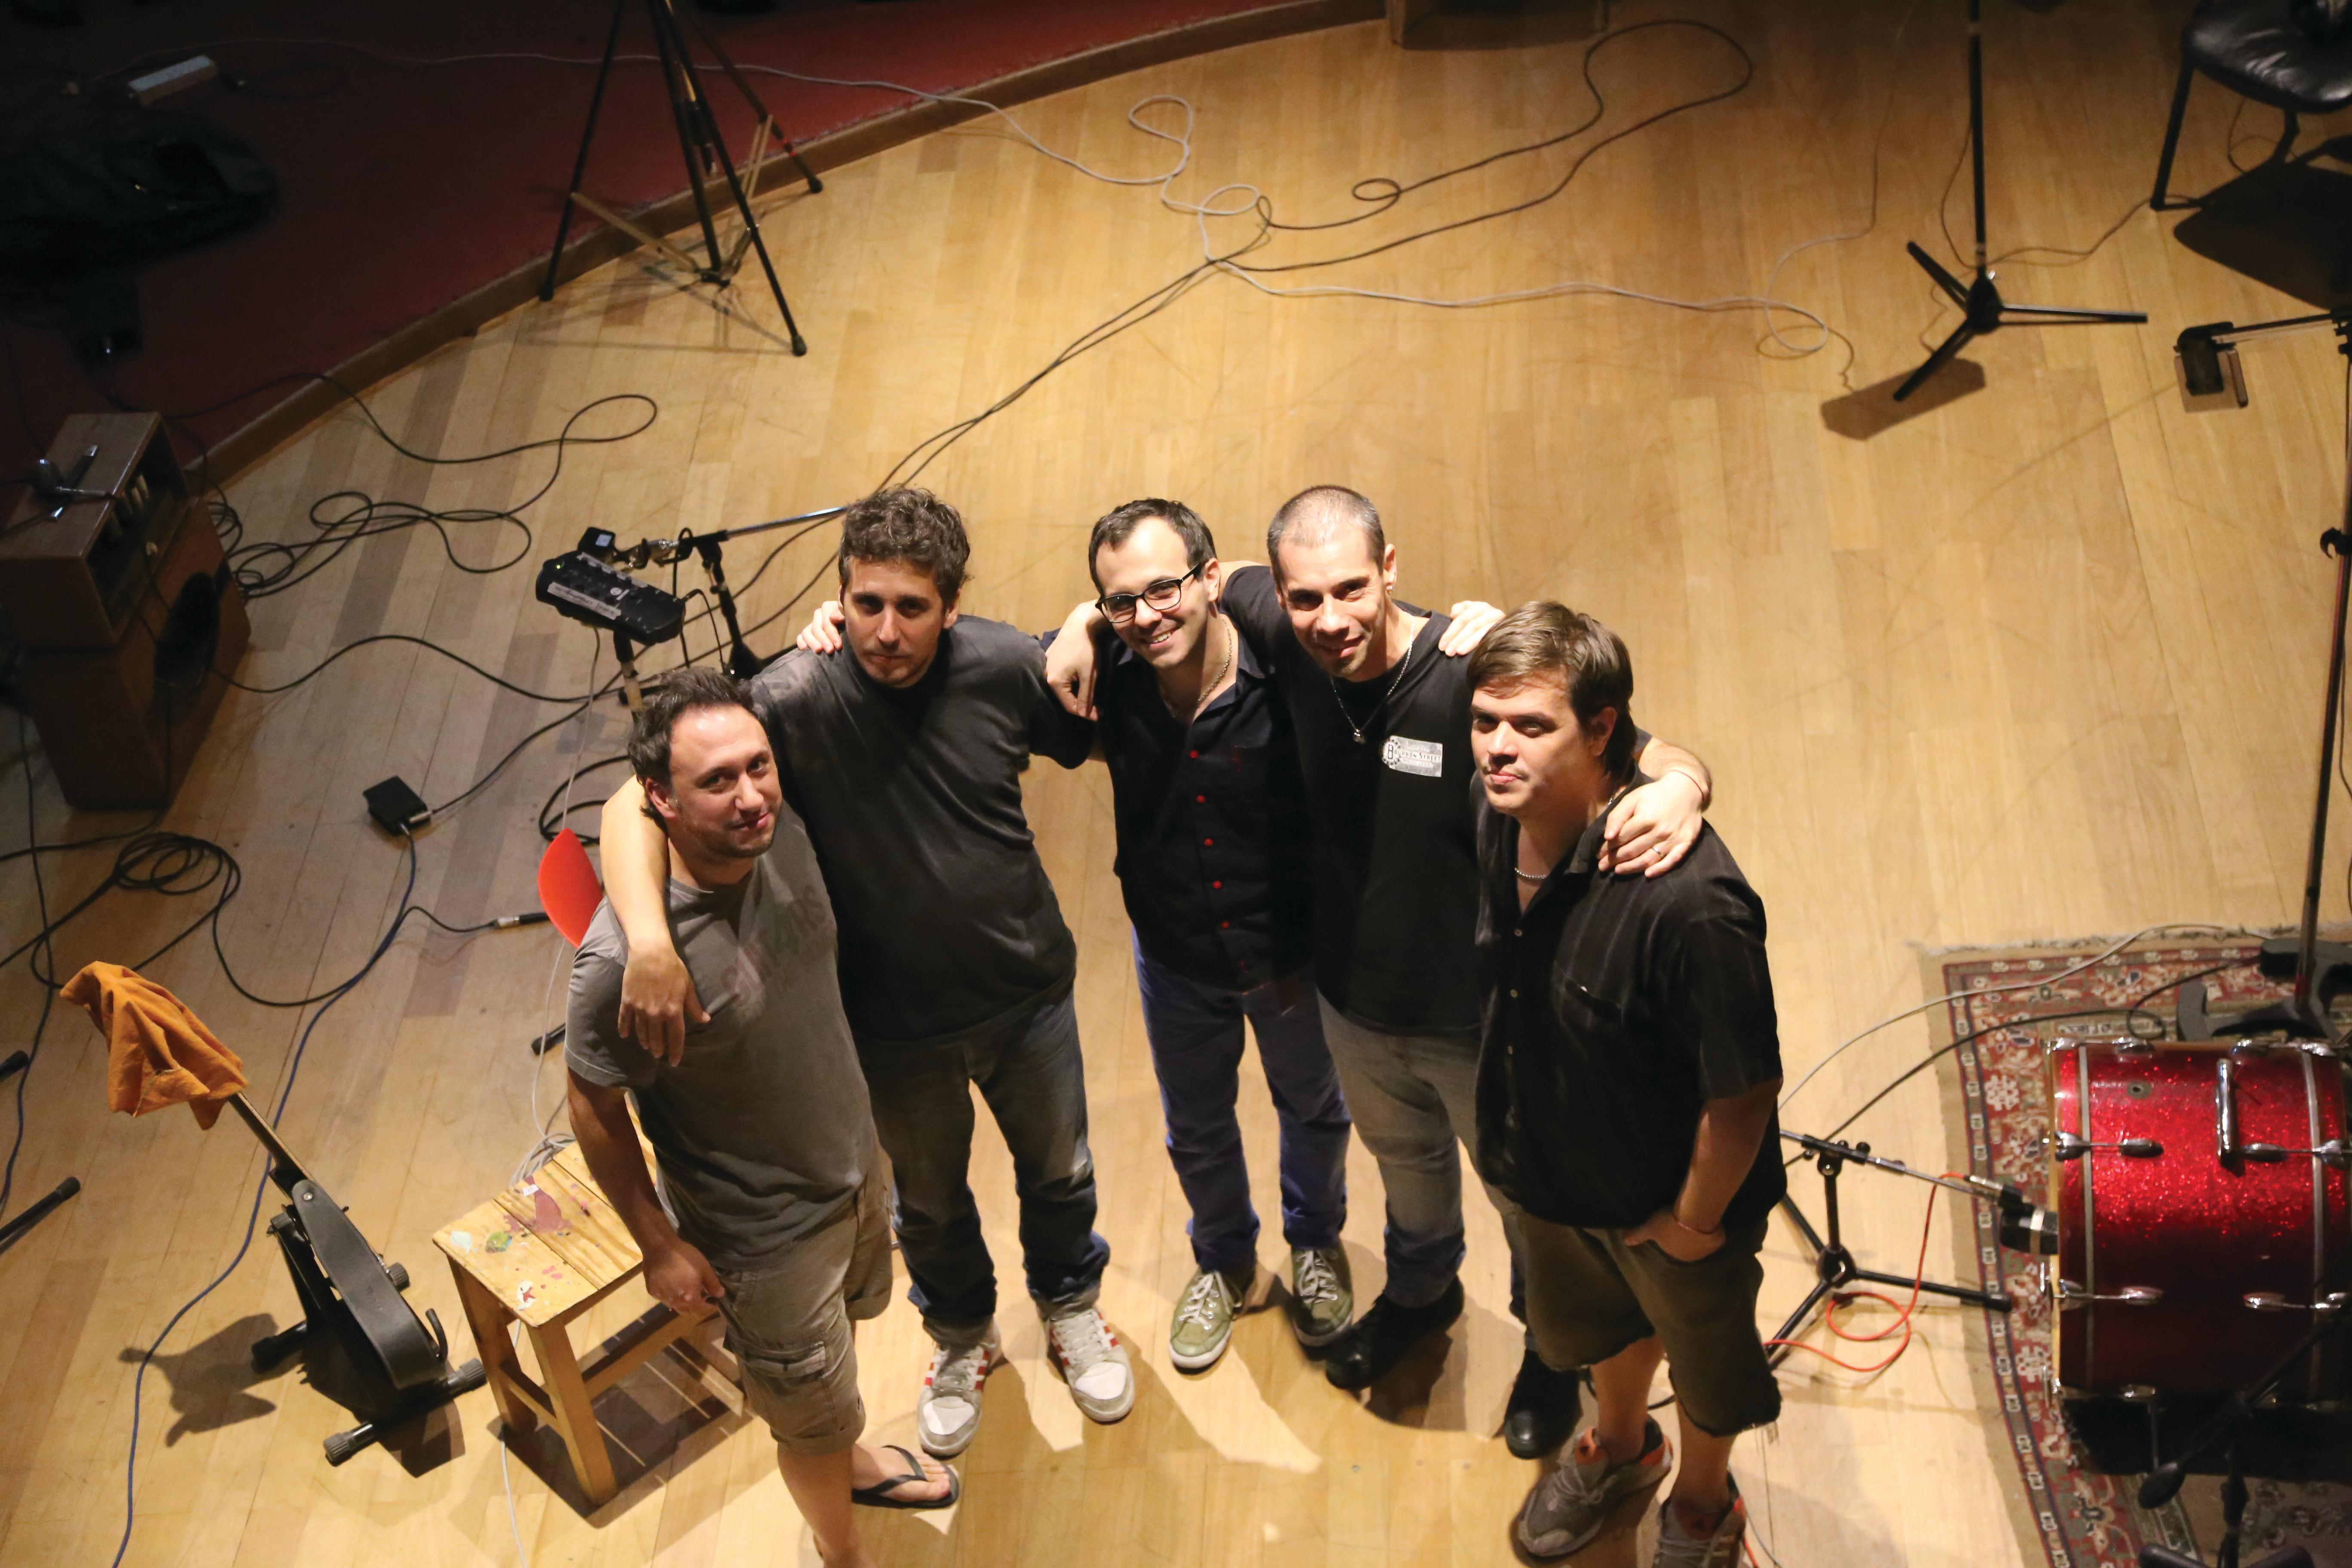 Mariano,Rulo,Dani,Cesar,Pato (bue)